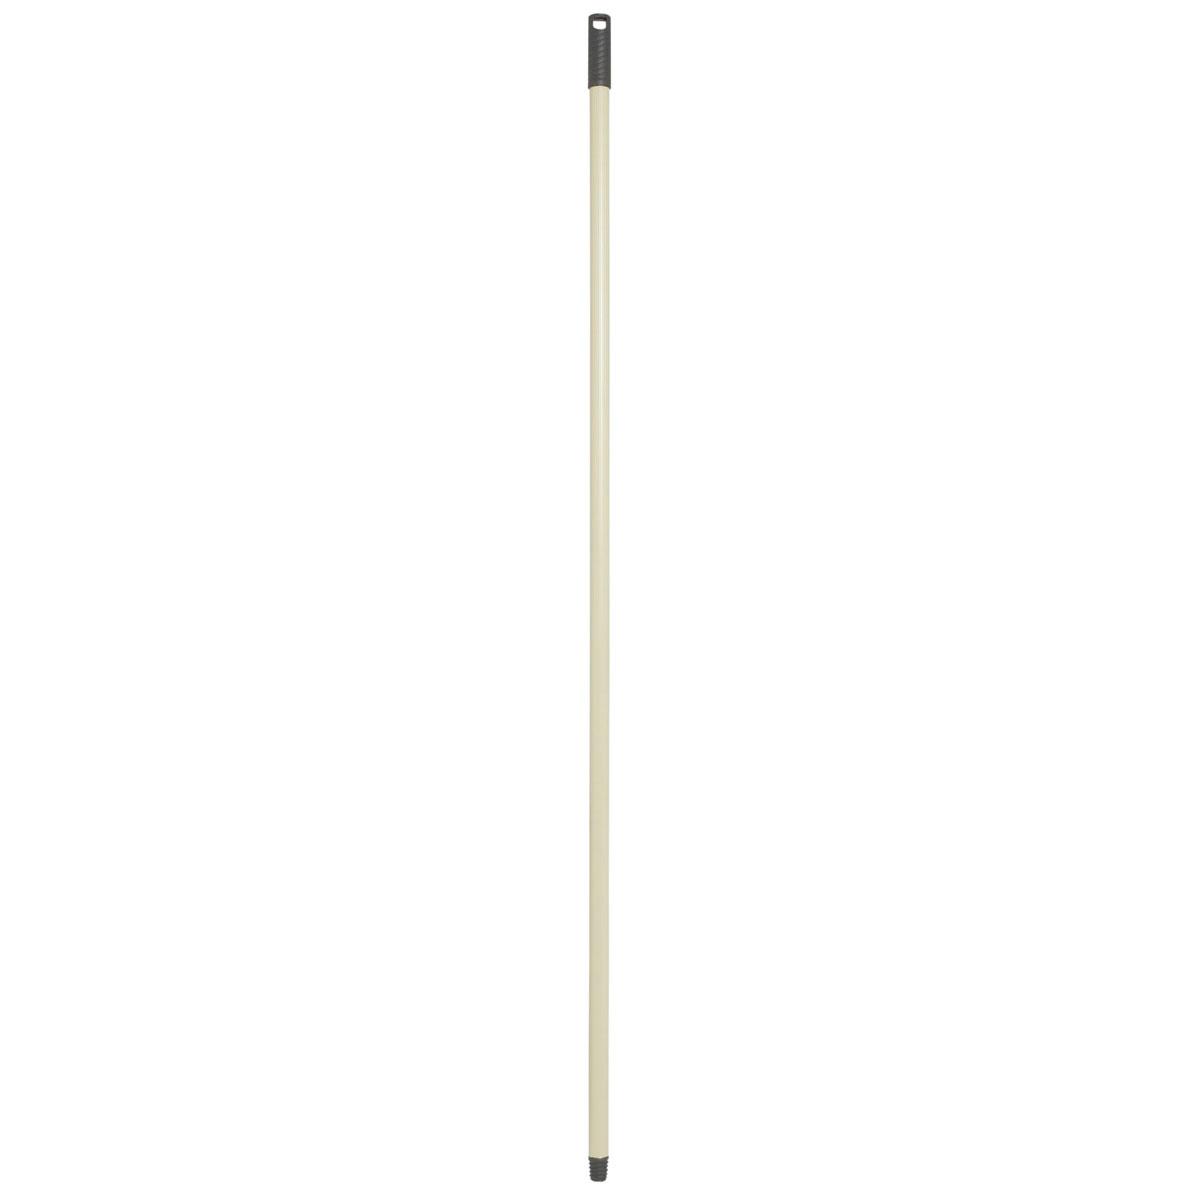 Ручка для швабры Apex Basic, 120 см. 11527-A531-105Сменная ручка Apex Basic для щетки или швабры изготовлена из стали покрытой пластиком. На рукоятке имеется небольшая петля, за которую изделие можно подвесить в удобном месте.